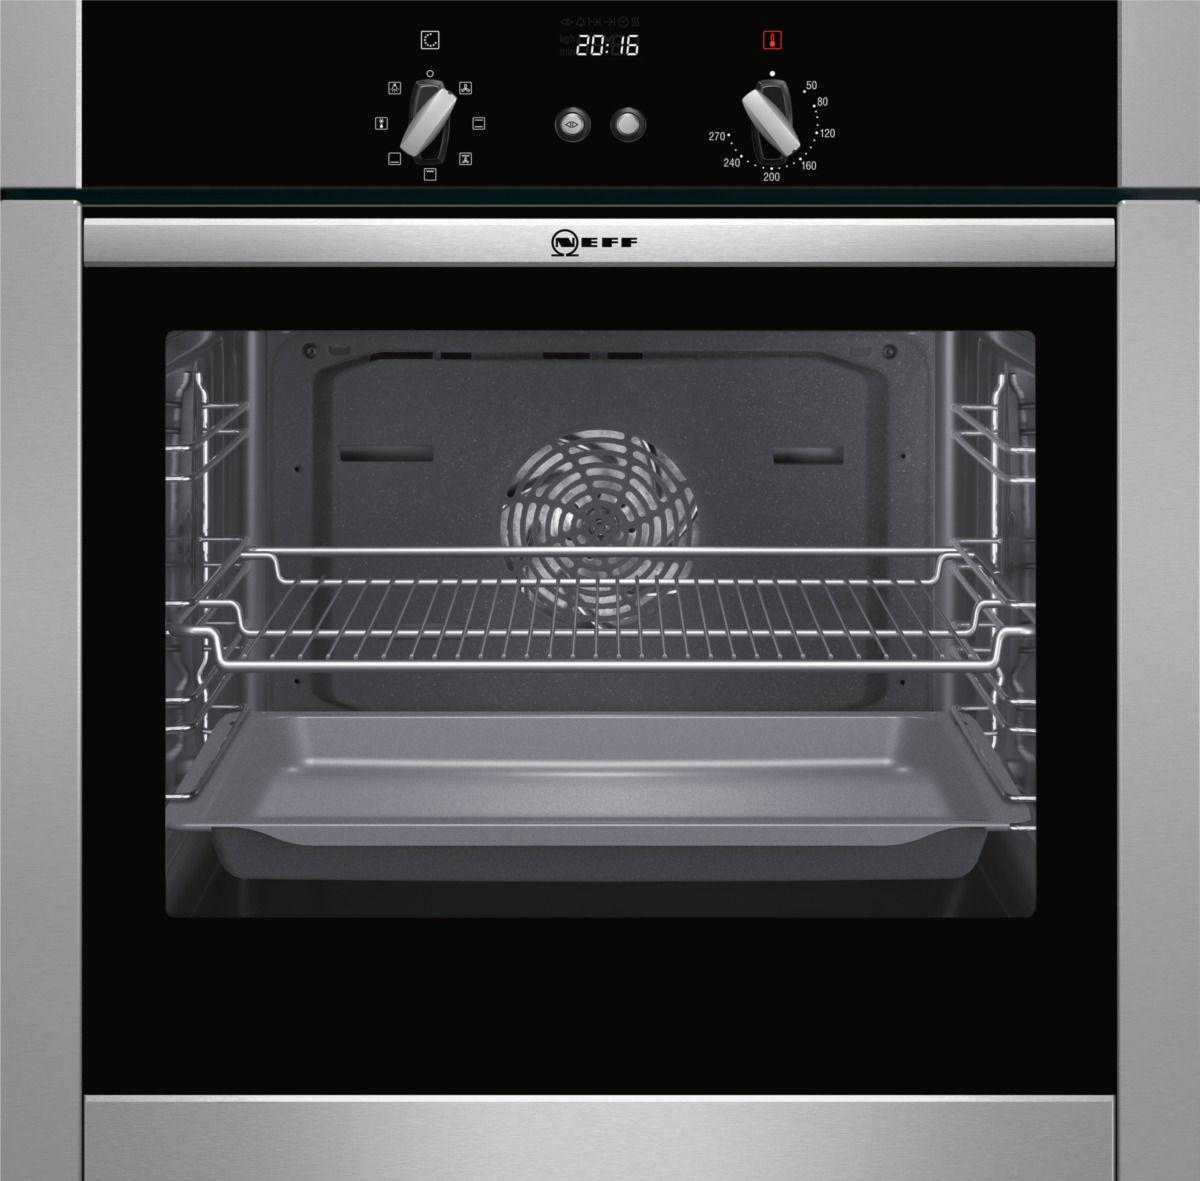 Uncategorized Kitchen Appliances Dublin cheap kitchen appliances dublin cooking oven shop hobs cookers u0026amp ovens